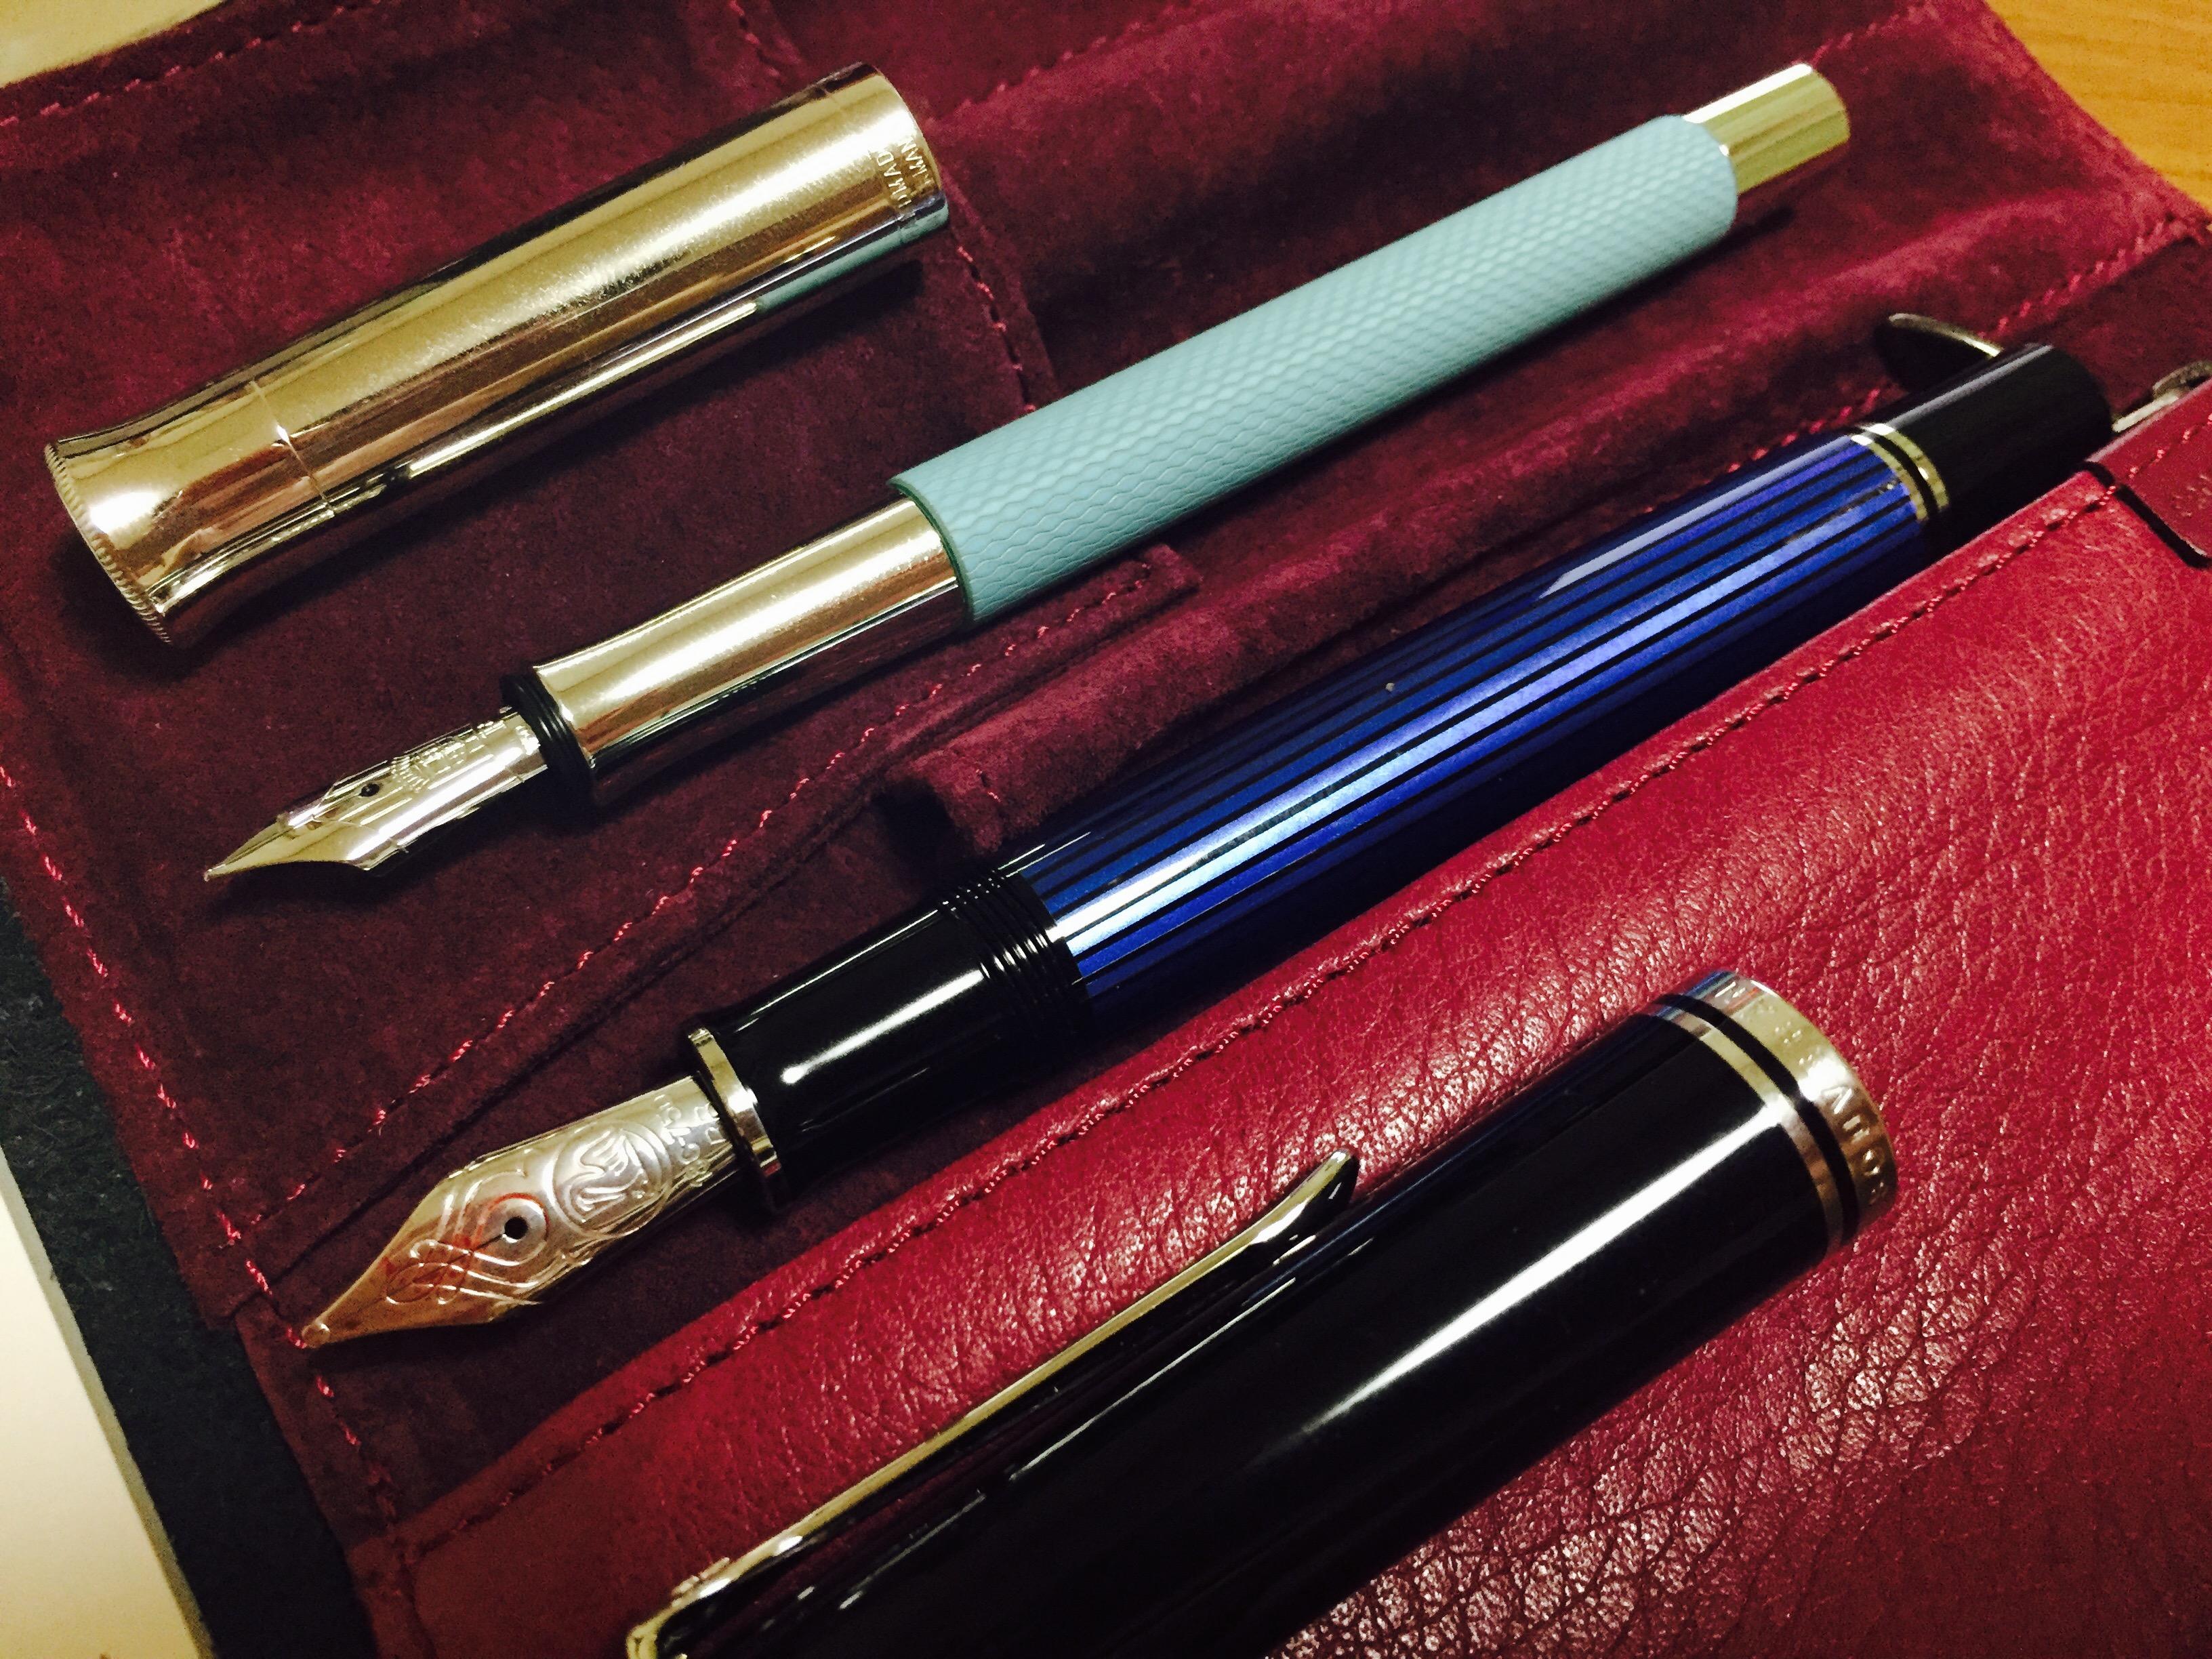 魅力的な筆